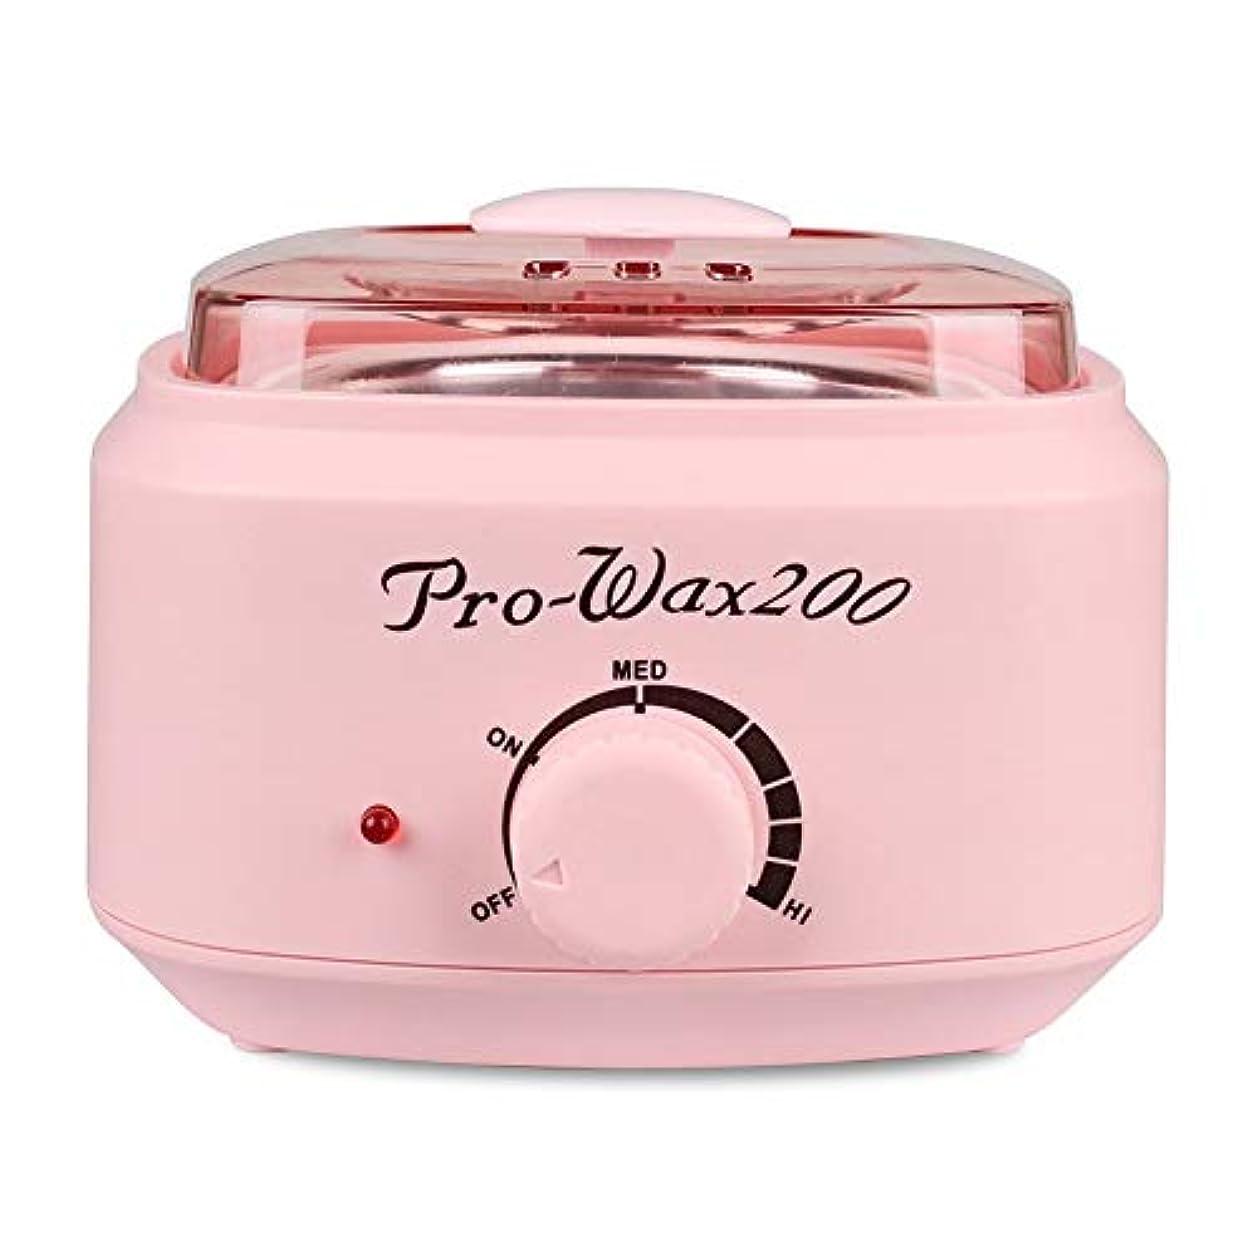 ポゴスティックジャンプラリーベルモントジョットディボンドンプロの電気ワックスウォーマーとヒーター、速くて痛みのない脱毛、楽器多機能溶融ワックスマシンホームワックス女性/男性用500CC (Color : Pink)